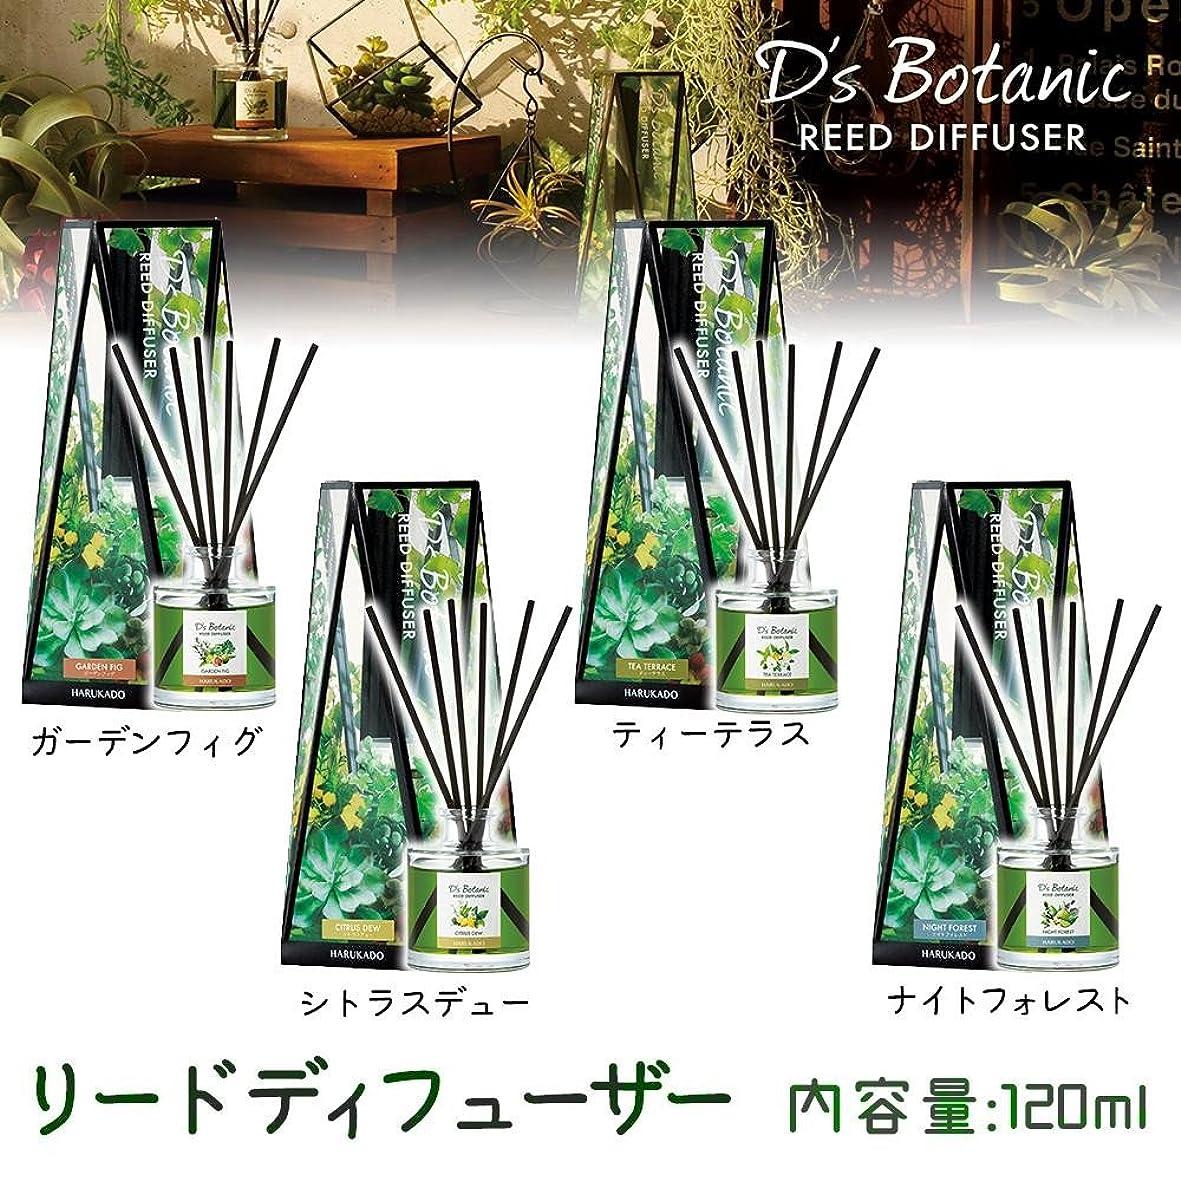 晩餐限定ミュートD'S Botanic(デイズボタニック) リードディフューザー ルームフレグランス 120ml ナイトフォレスト?6231【人気 おすすめ 】